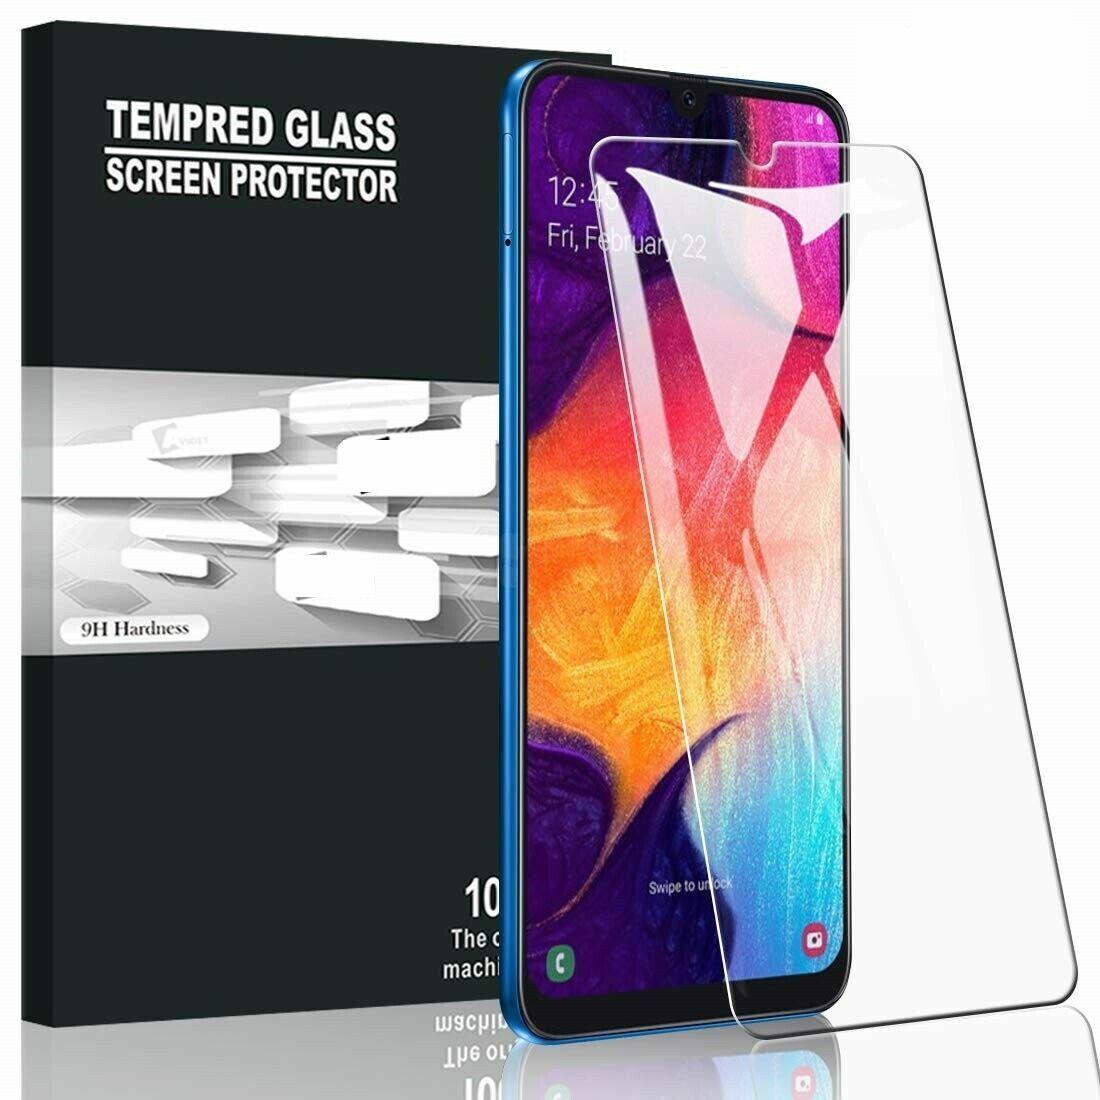 Samsung Galaxy: PELLICOLA VETRO TEMPERATO PER SAMSUNG GALAXY A10 A20e A30s A31 A40 A41 A50 A51